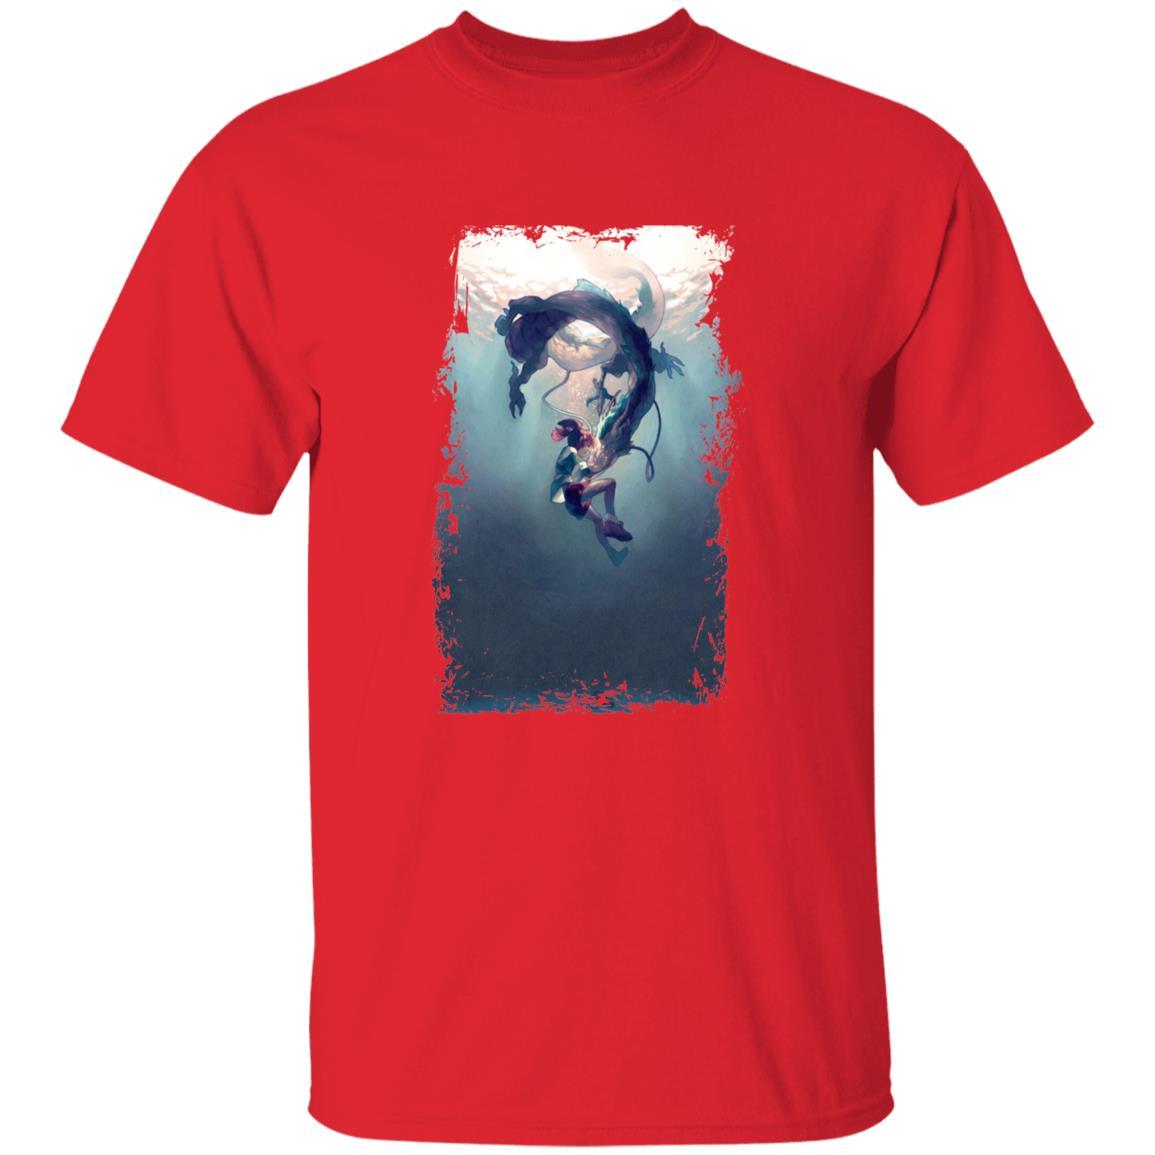 Spirited Away – Chihiro and Haku under the Water T Shirt